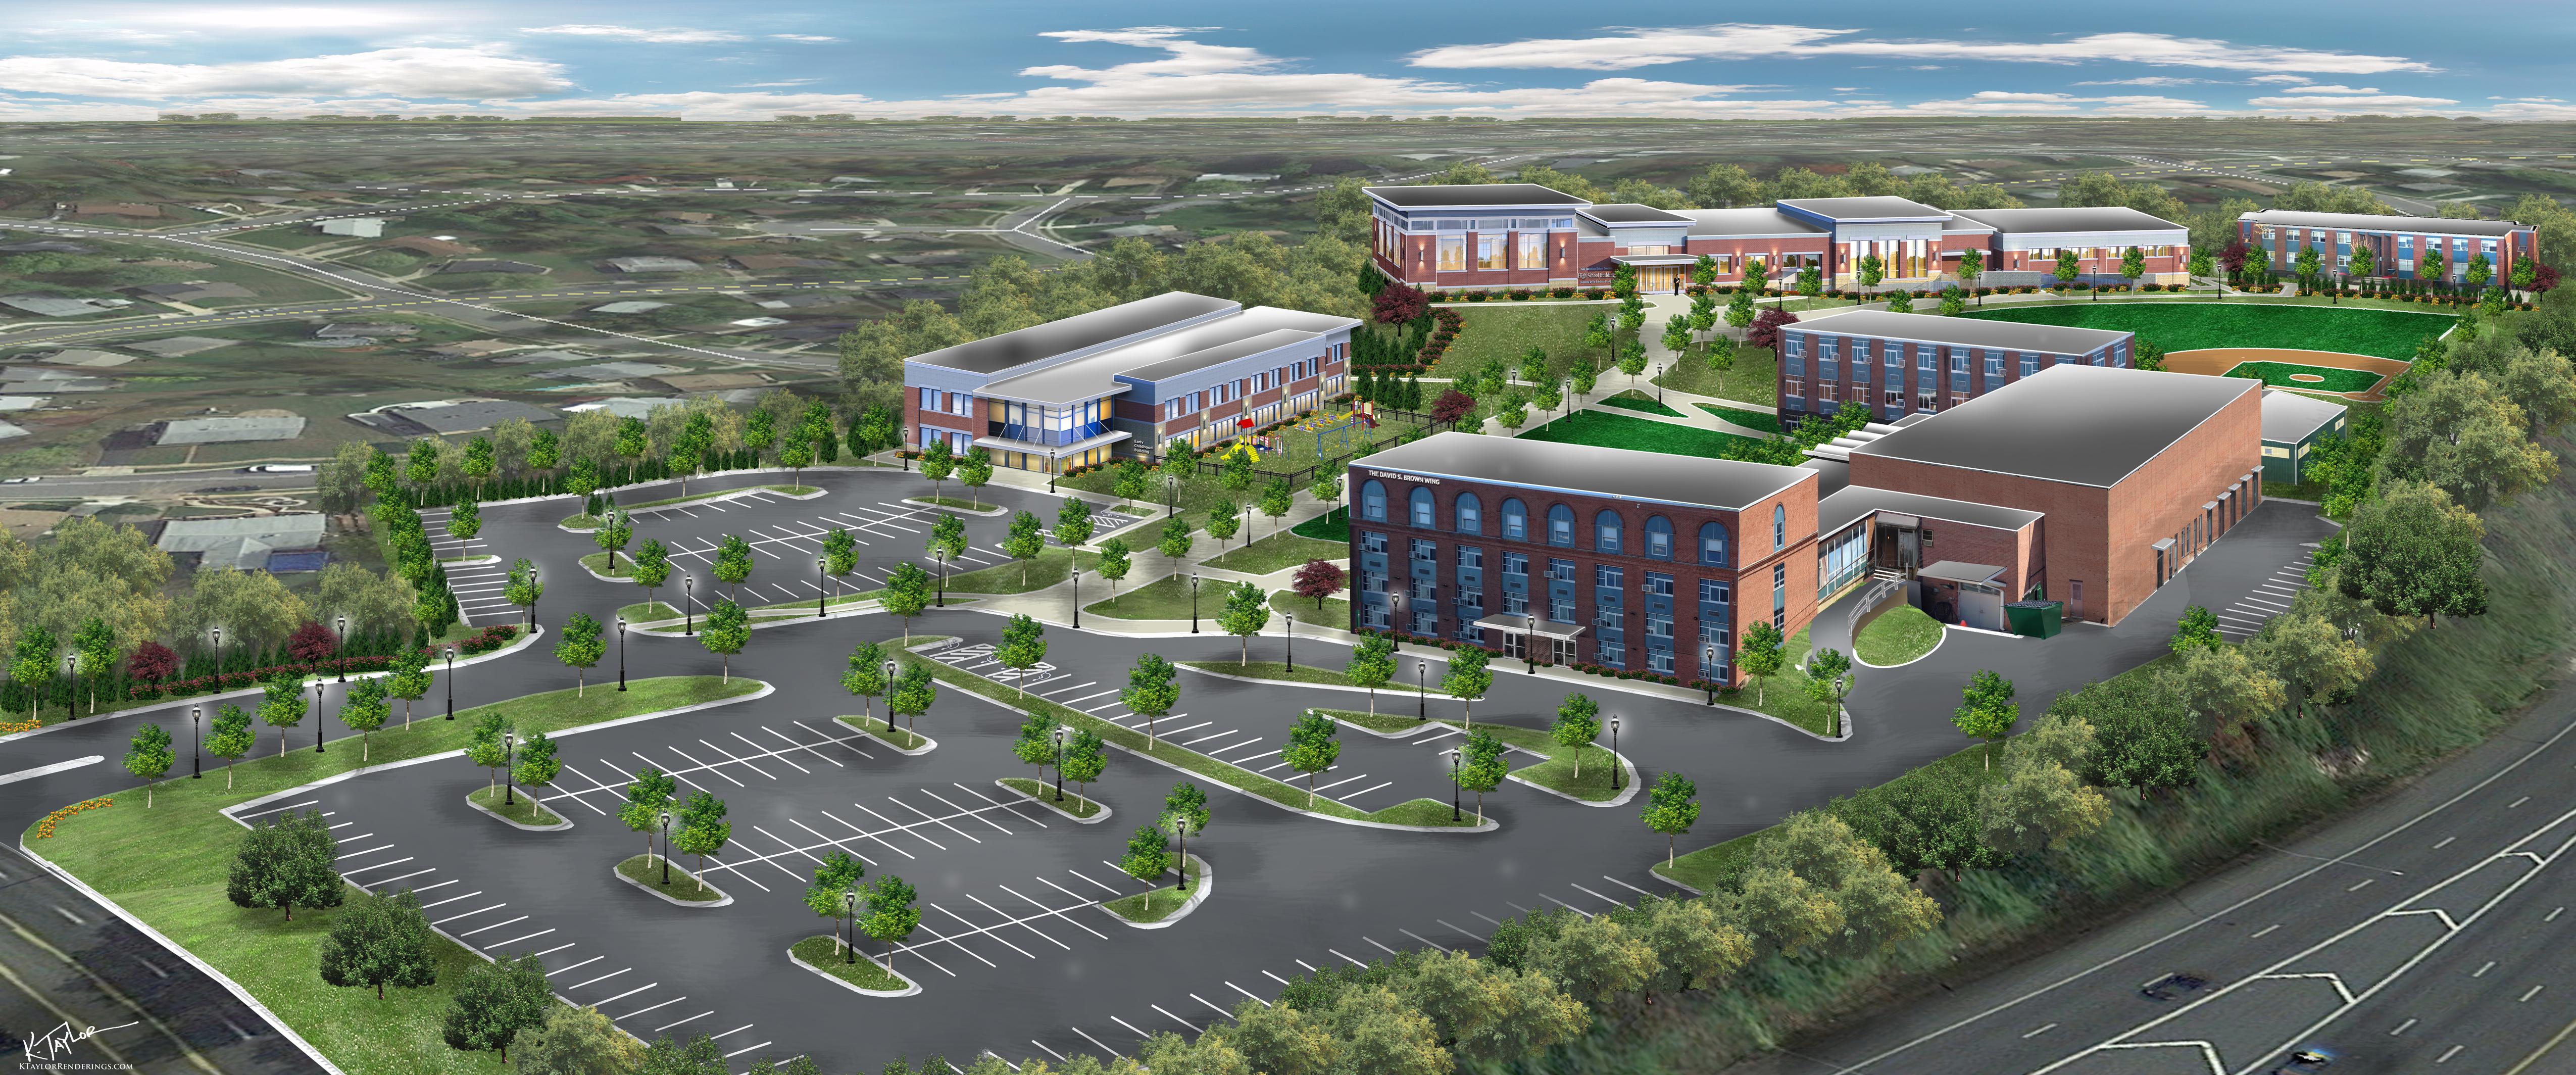 Campus Rendering